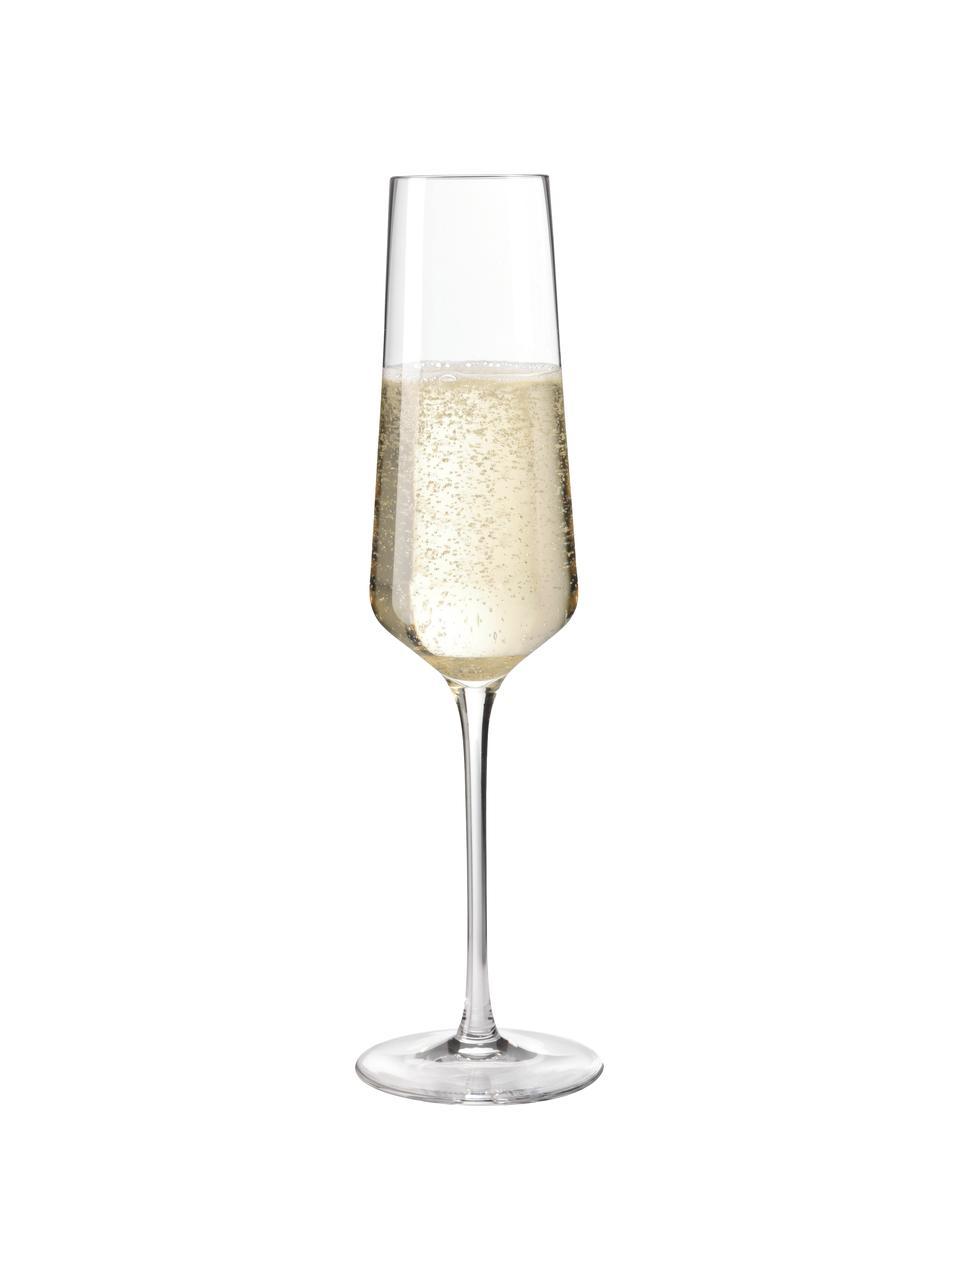 Kieliszek do szampana Puccini, 6 szt., Szkło Teqton®, Transparentny, Ø 7 x W 26 cm